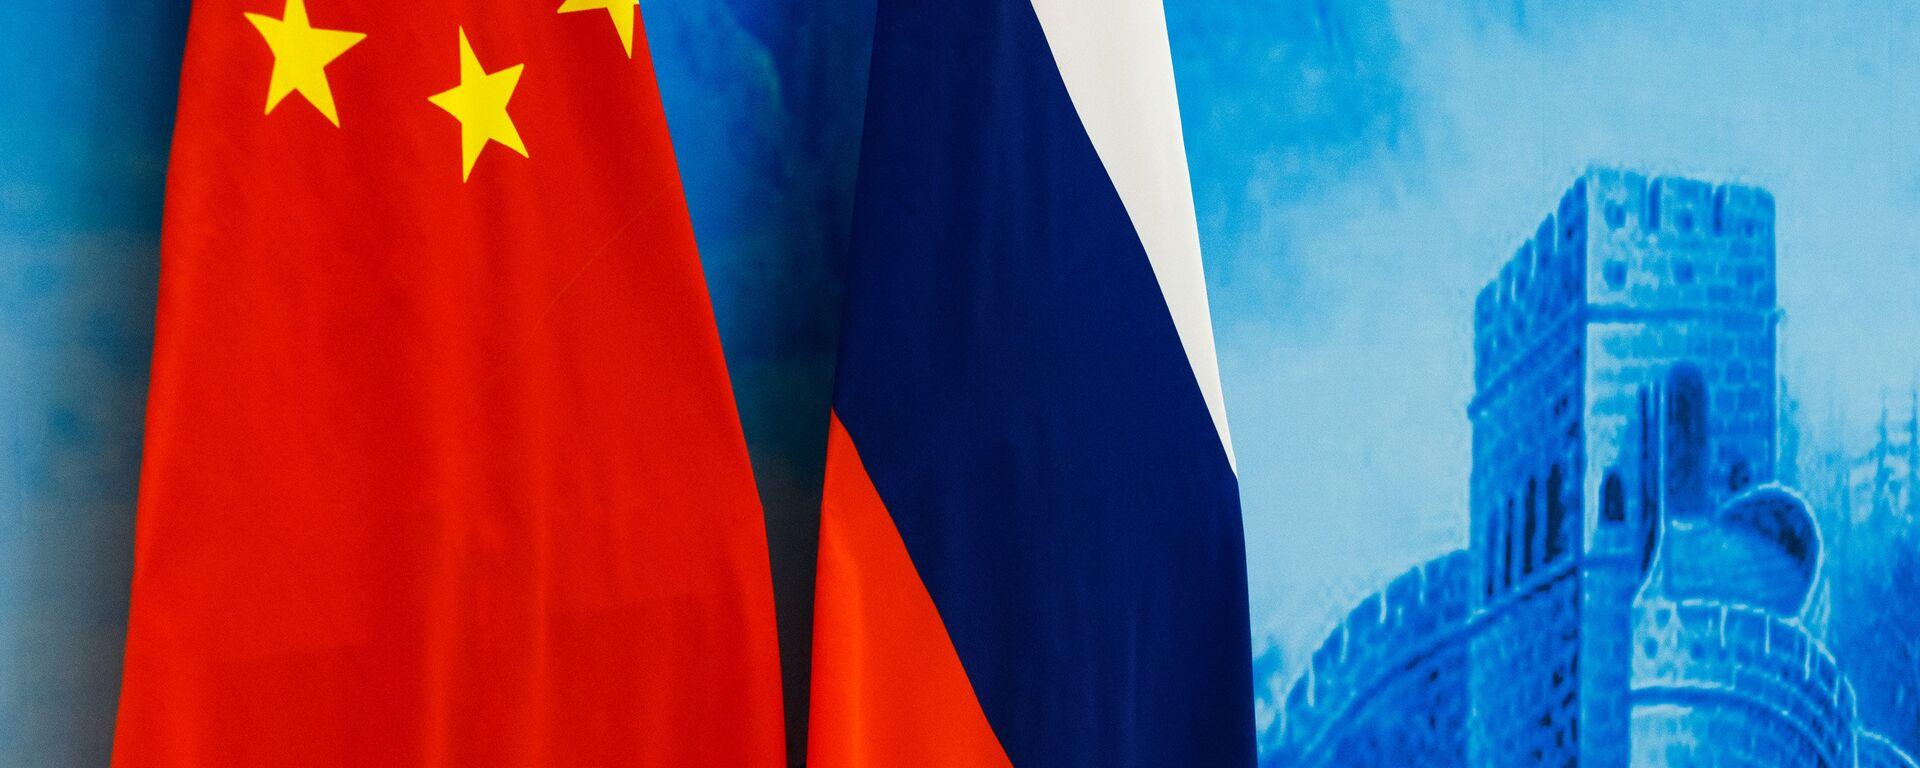 Las banderas de Rusia y China - Sputnik Mundo, 1920, 08.12.2019